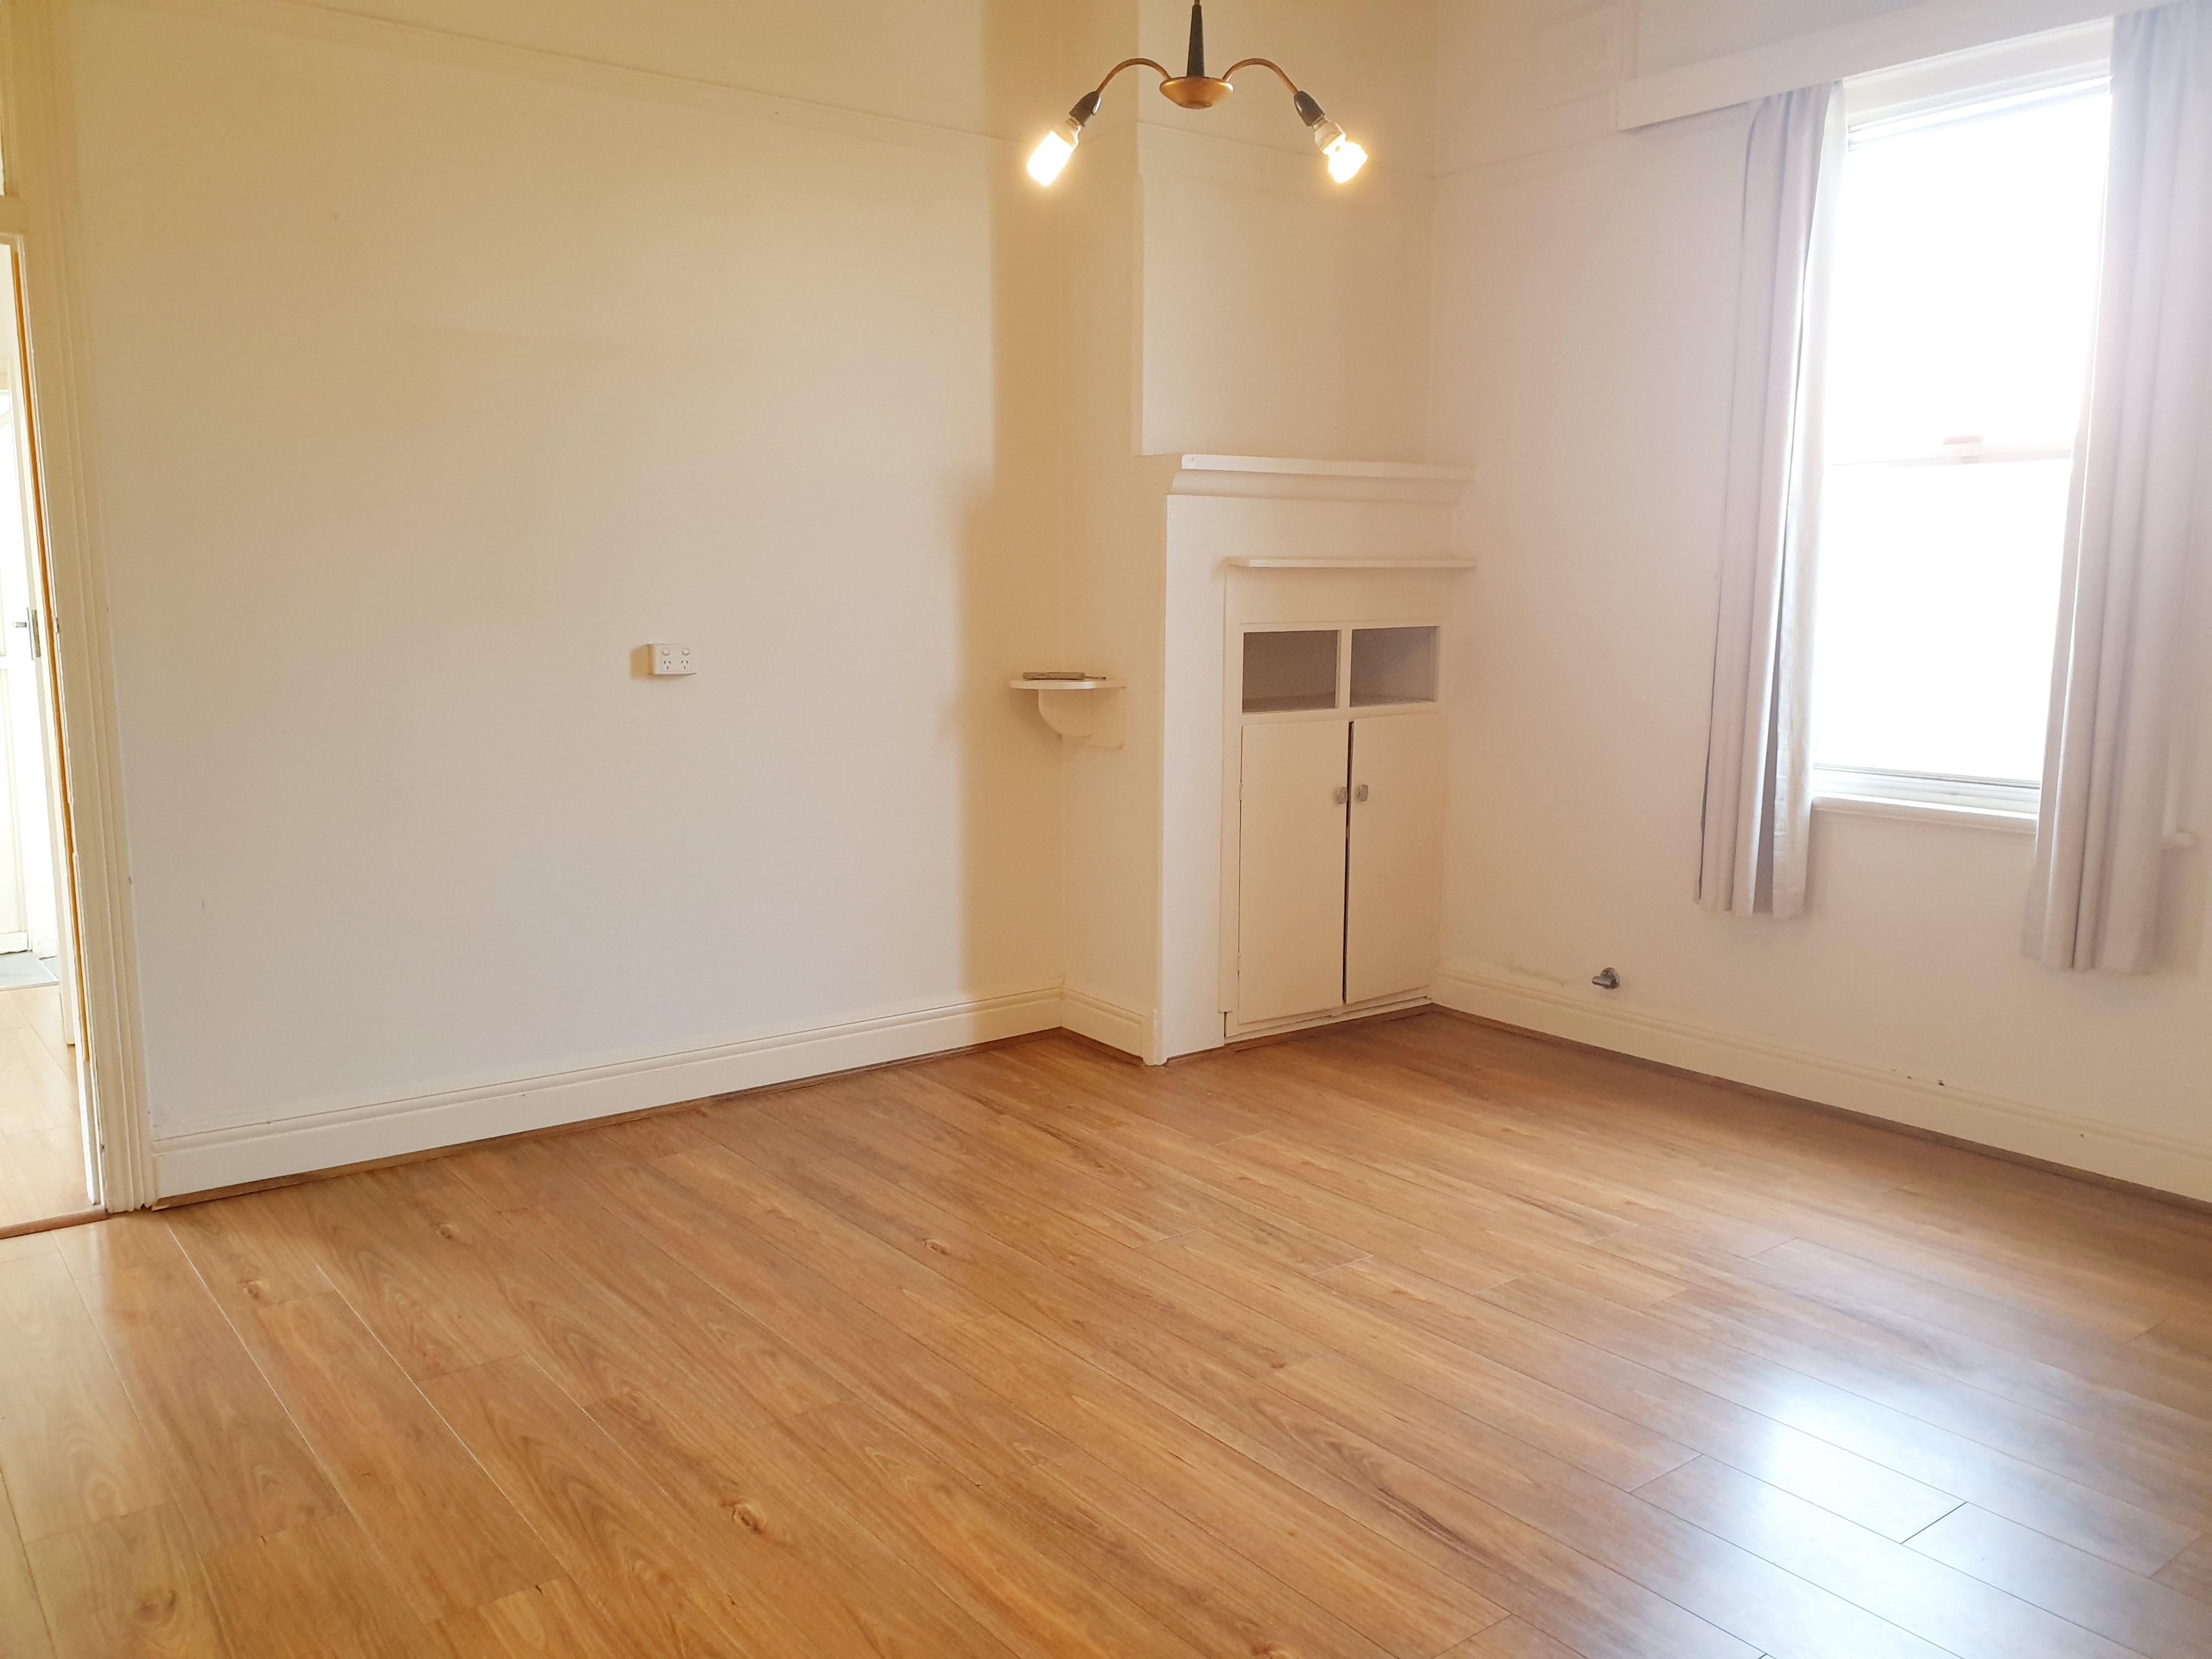 NEAT & TIDY THREE BEDROOM SEMI HOUSE